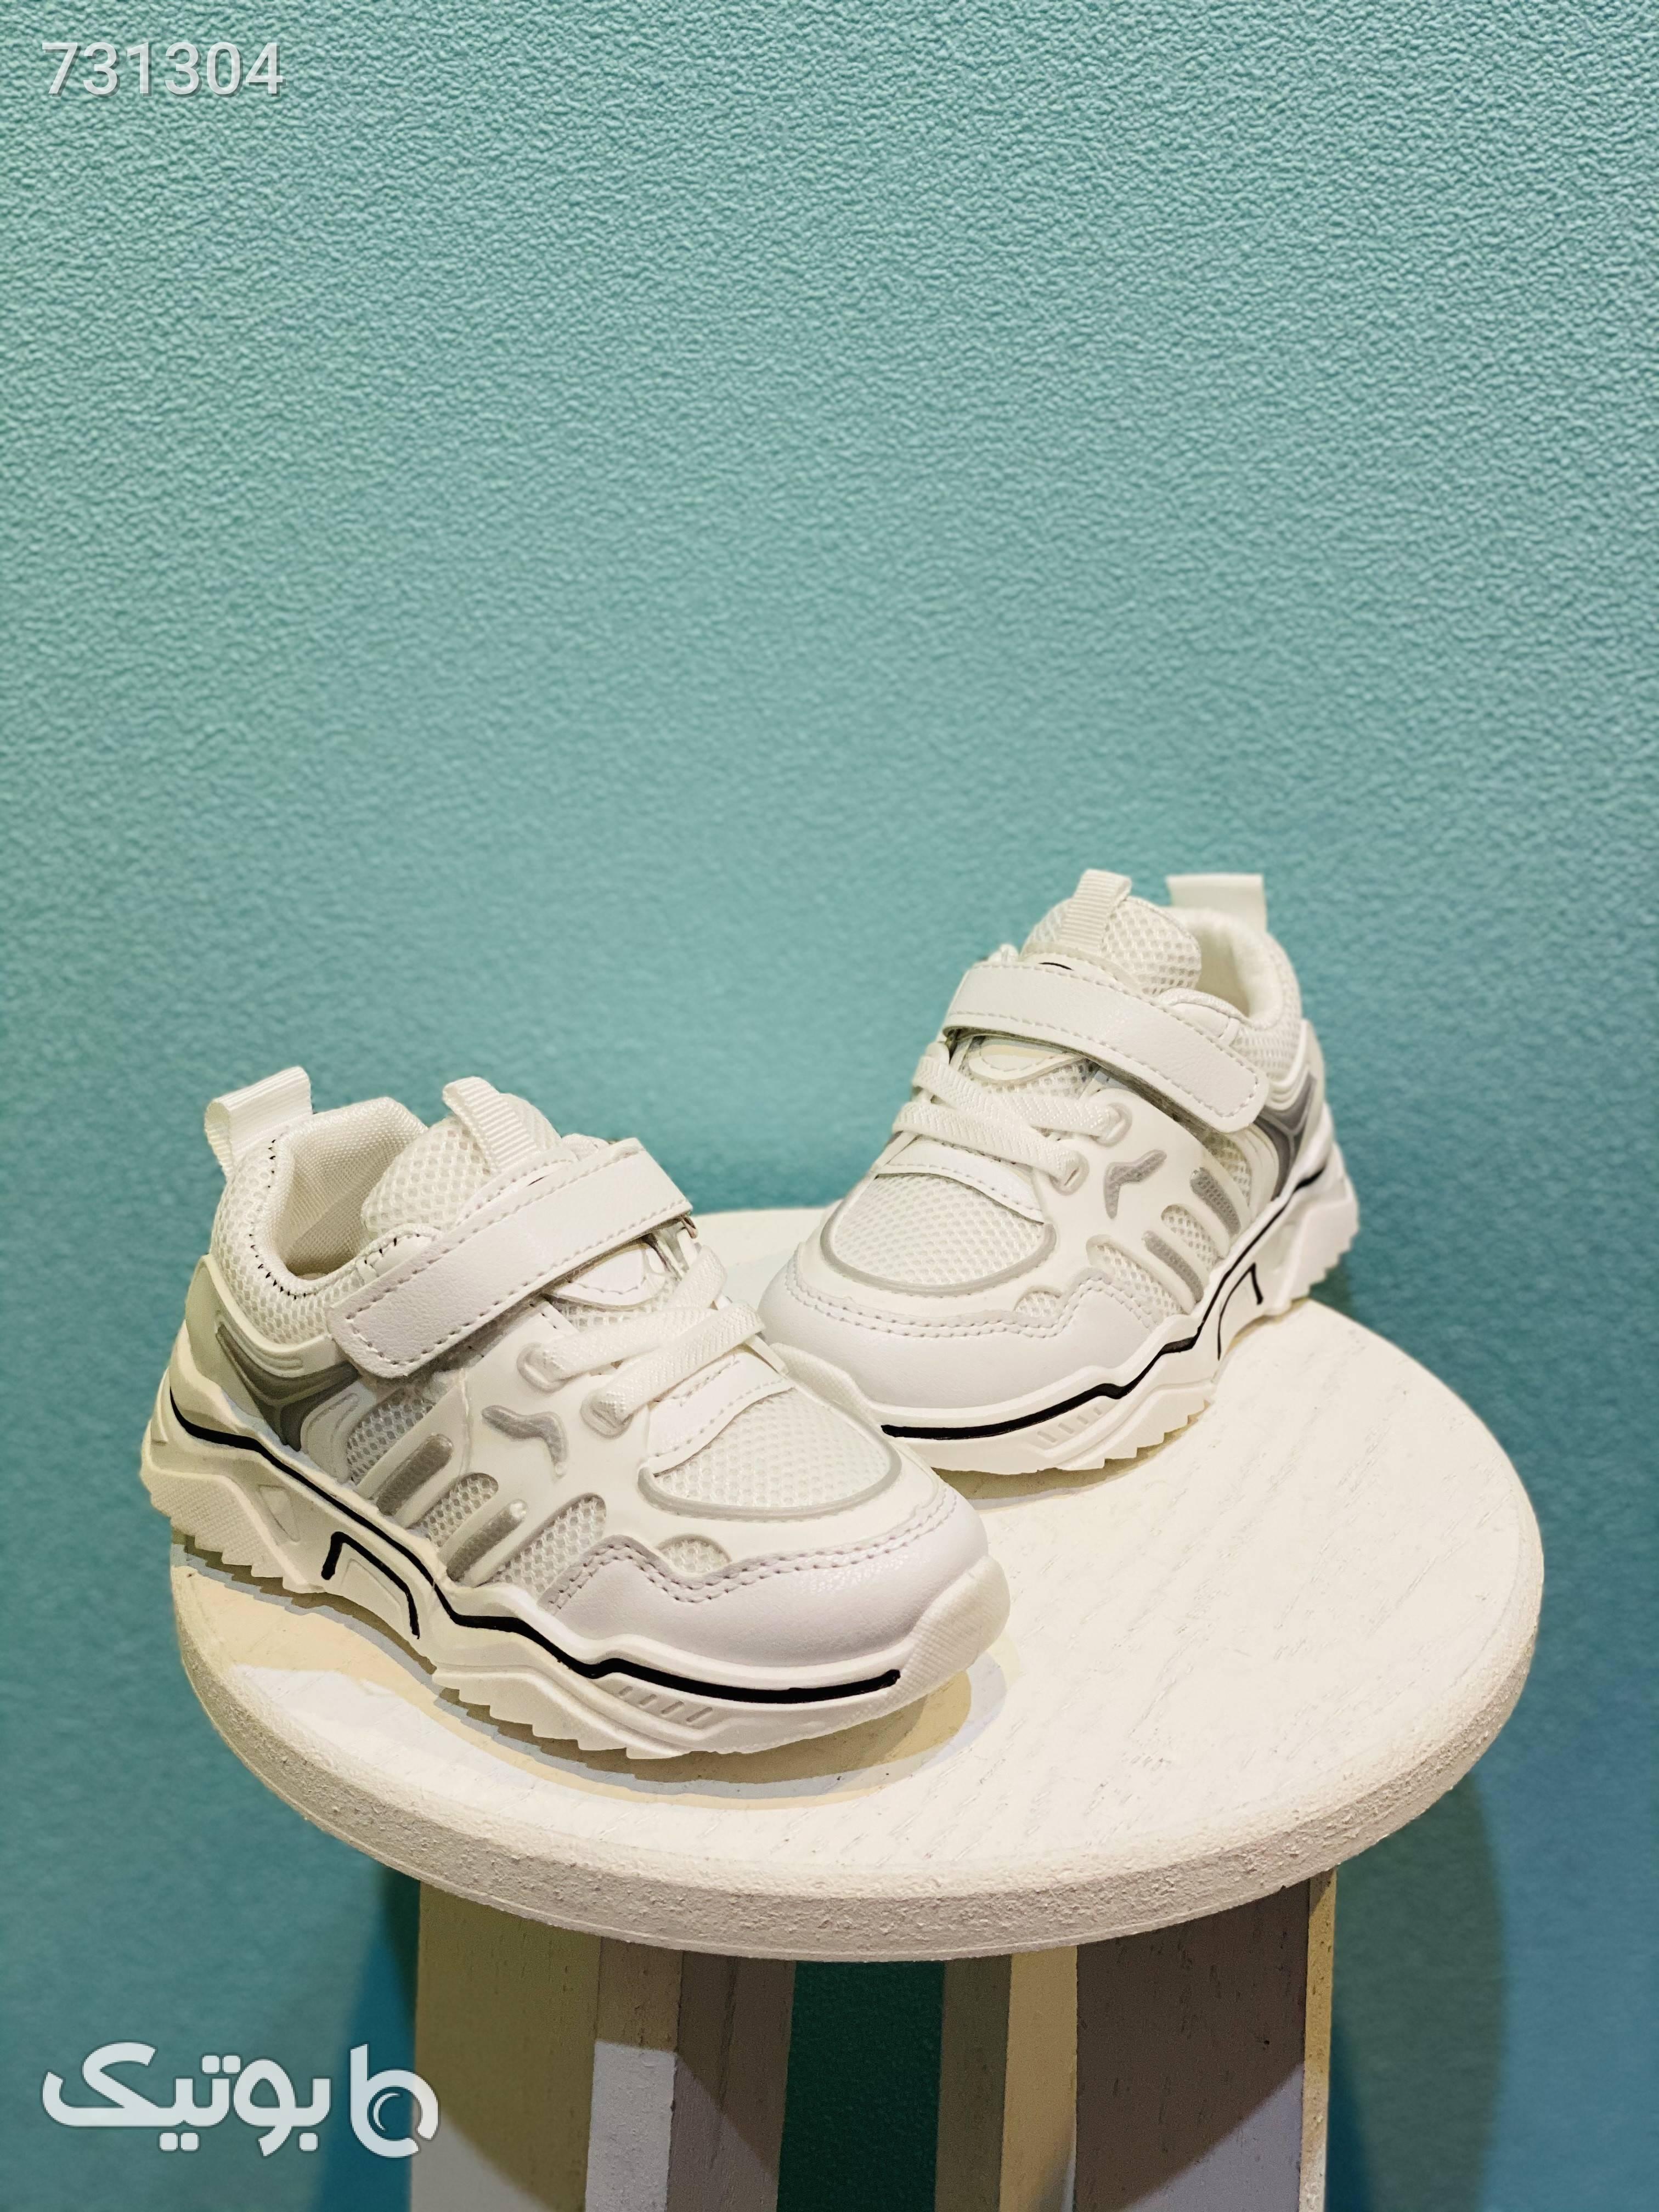 کتونی کودک مشکی کیف و کفش بچگانه